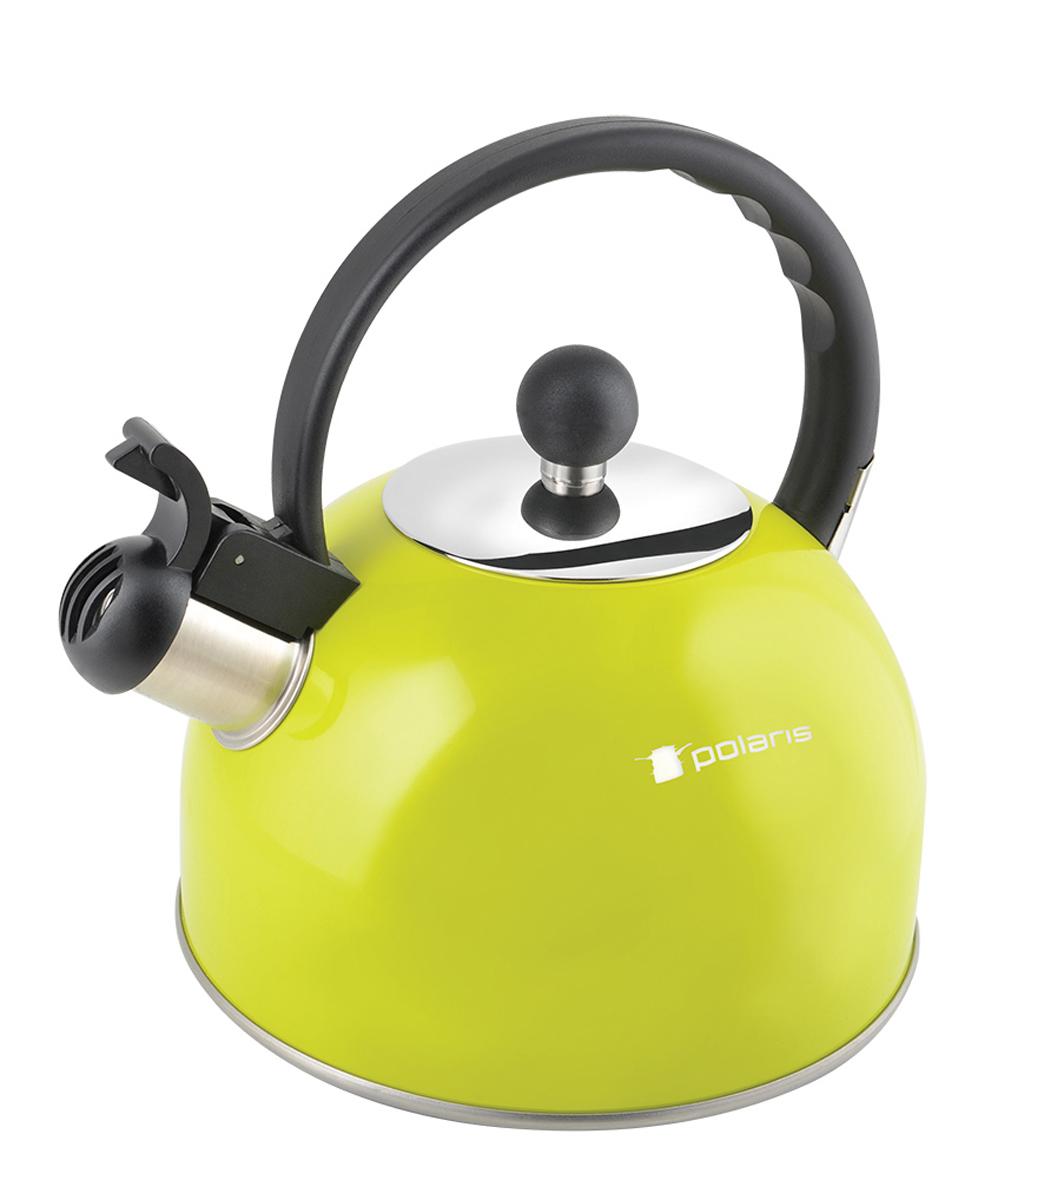 Чайник Polaris Lime-2,2L, со свистком, 2,2 лVT-1520(SR)Чайник Polaris Lime-2,2L со свистком изготовлен из высококачественной нержавеющей стали 18/10. Клапан открывается кнопкой на ручке. Эргономичная бакелитовая ручка не нагревается и не скользит. Ступенчатый корпус увеличивает площадь нагрева. Комбинированная крышка выполнена из бакелита и нержавеющей стали. Сатинированная полировка корпуса. Объем: 2,2 л.